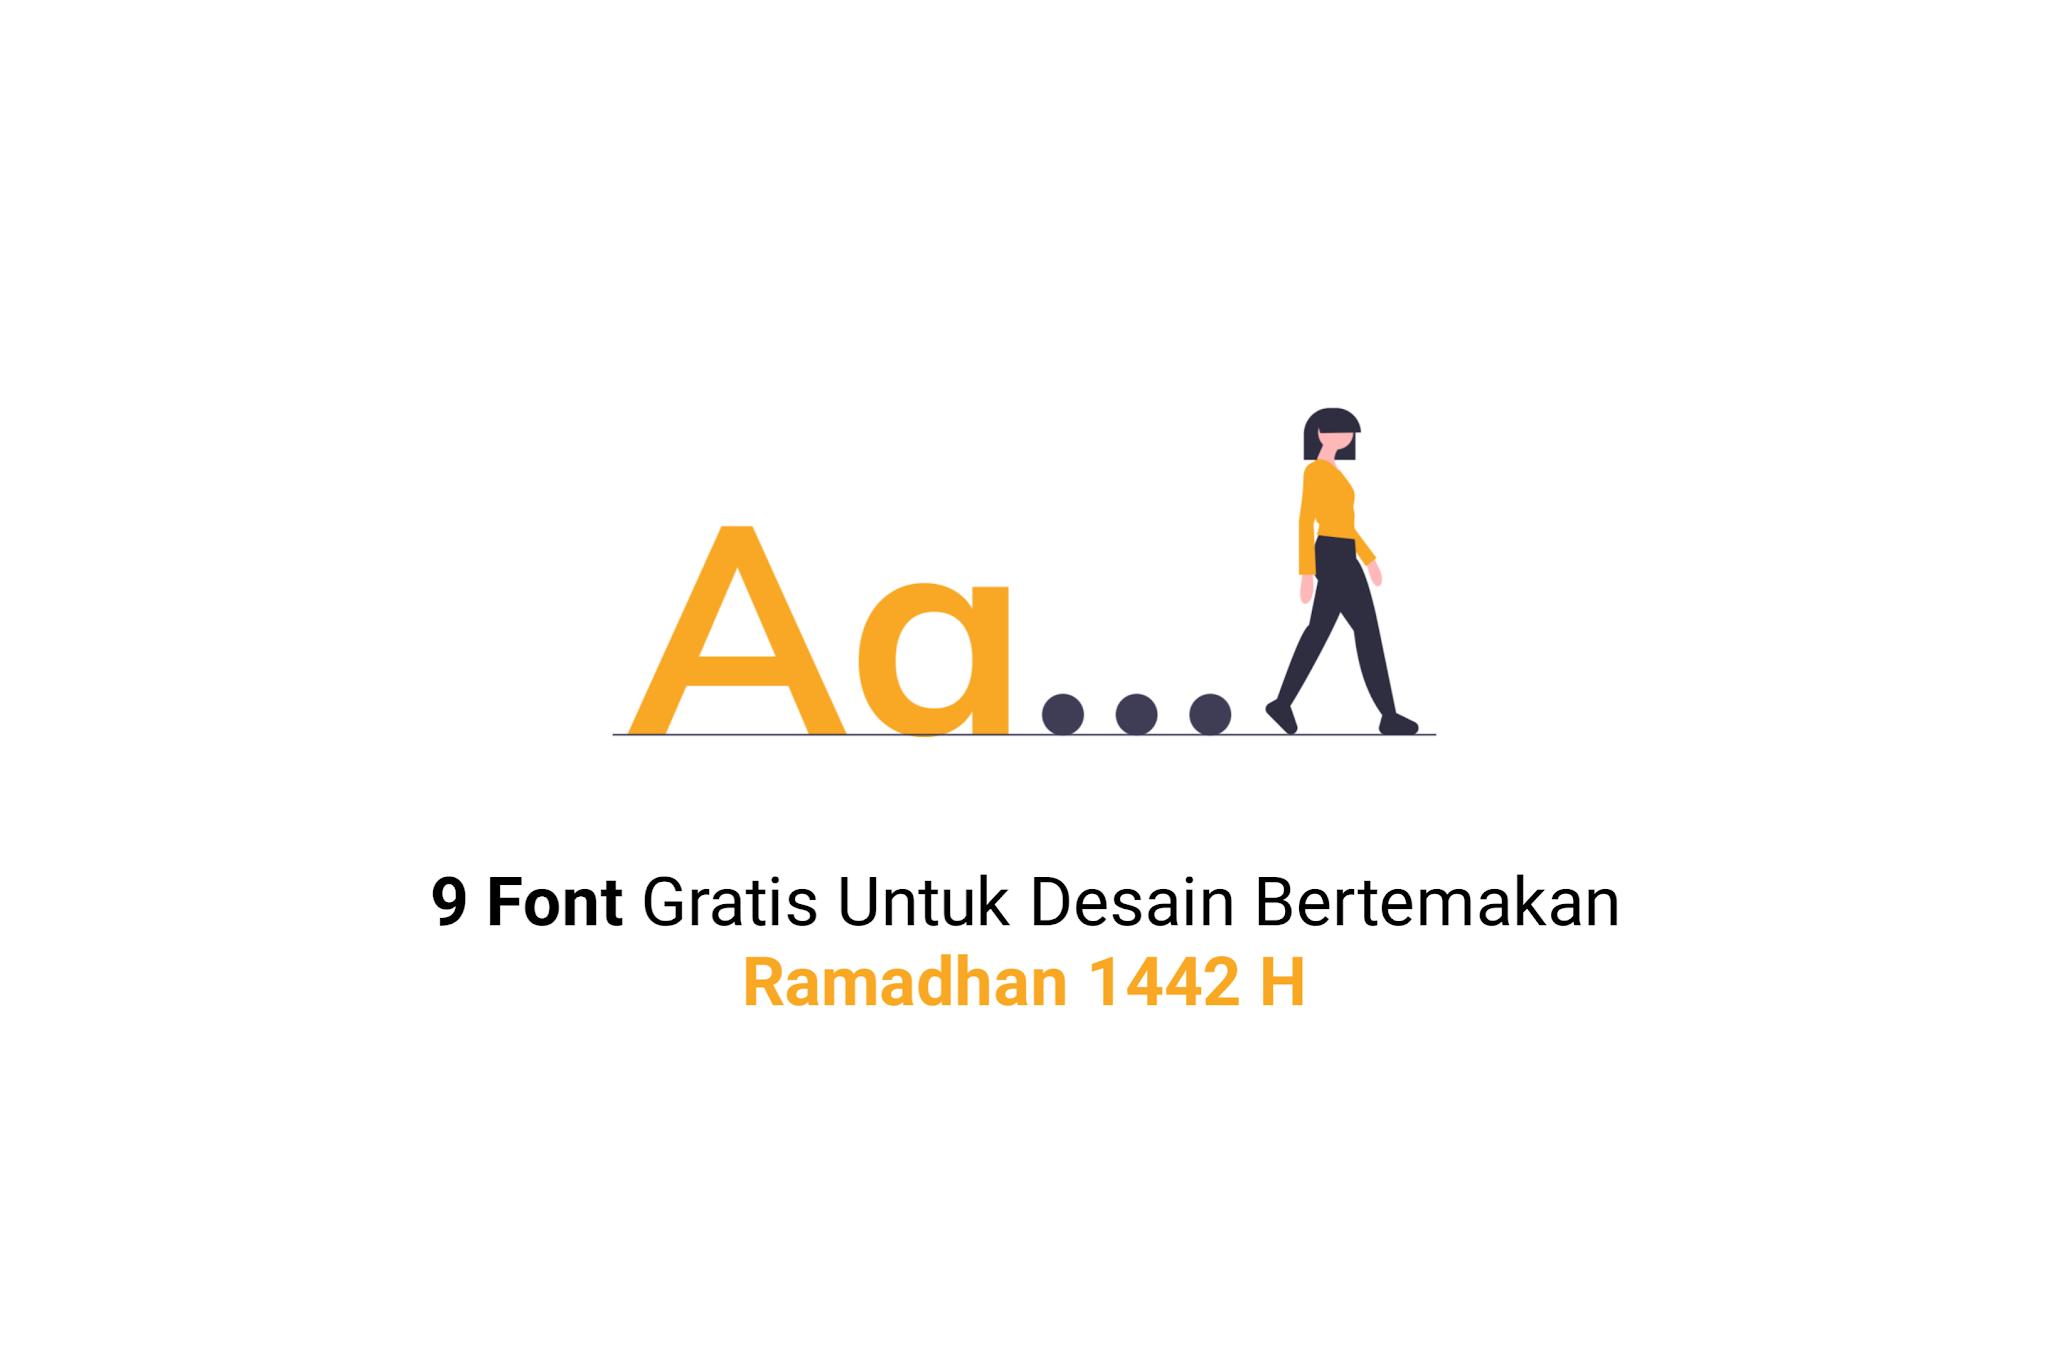 9 Font Gratis Untuk Desain Bertemakan Ramadhan 1442 H